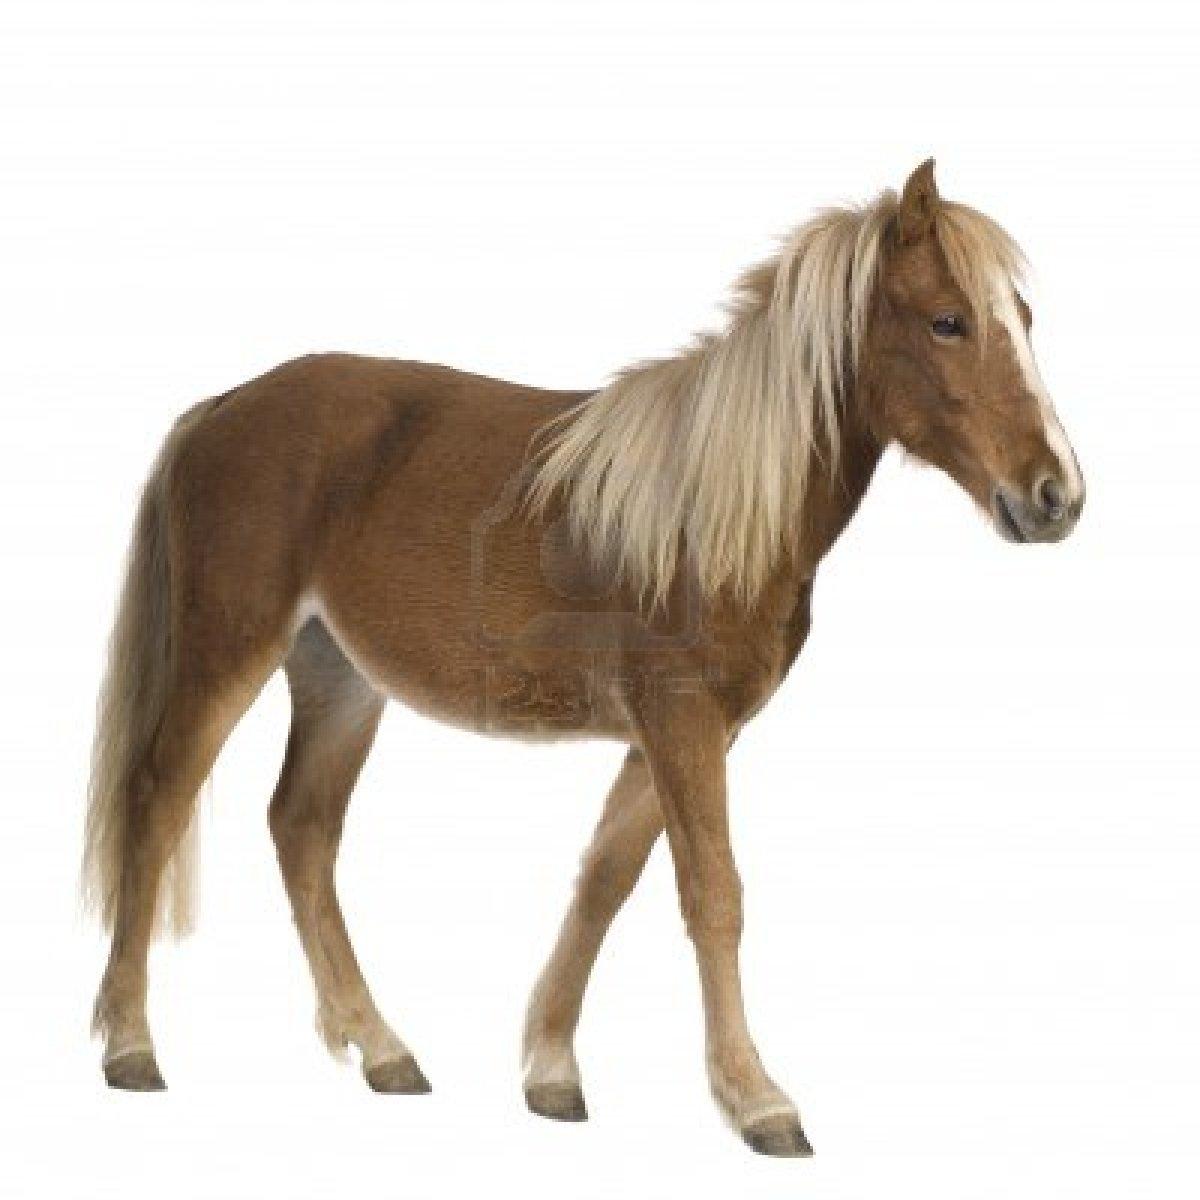 Poney Shetland (2 Ans) En Face De Fond Blanc Banque D'Images, Photos ... Running Horse Png